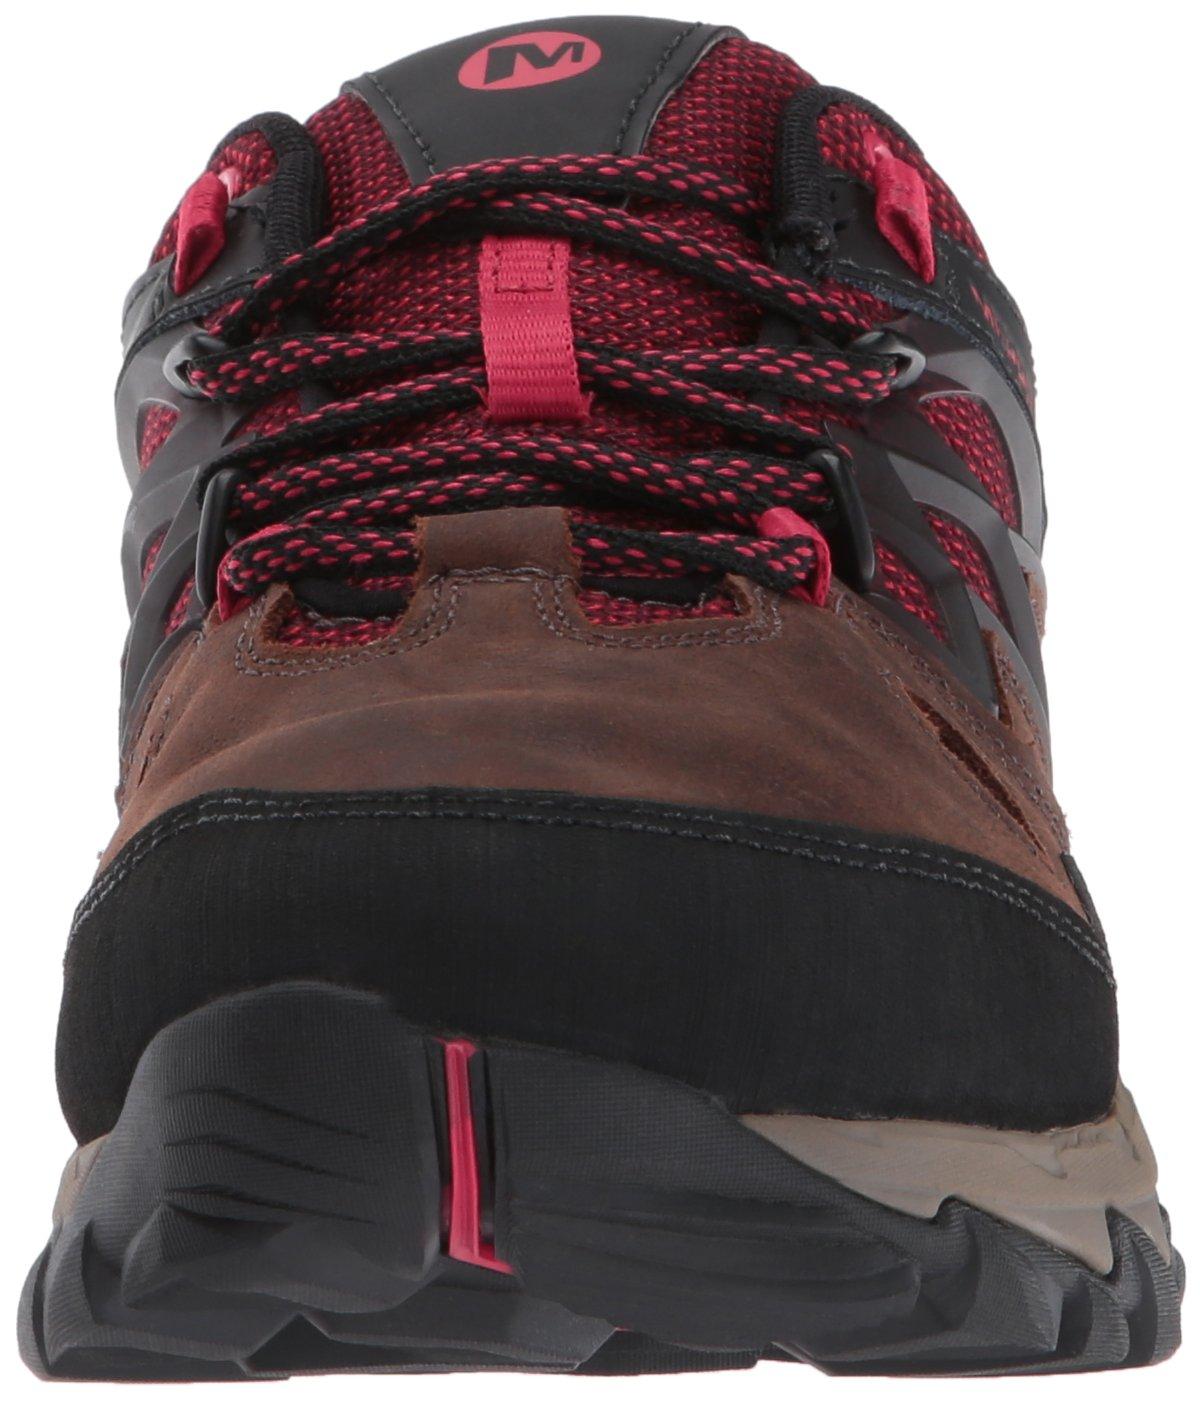 Merrell Shoe Women's All Out Blaze 2 Waterproof Hiking Shoe Merrell B01N1S68KL 9.5 B(M) US|Cinnamon 7447c8